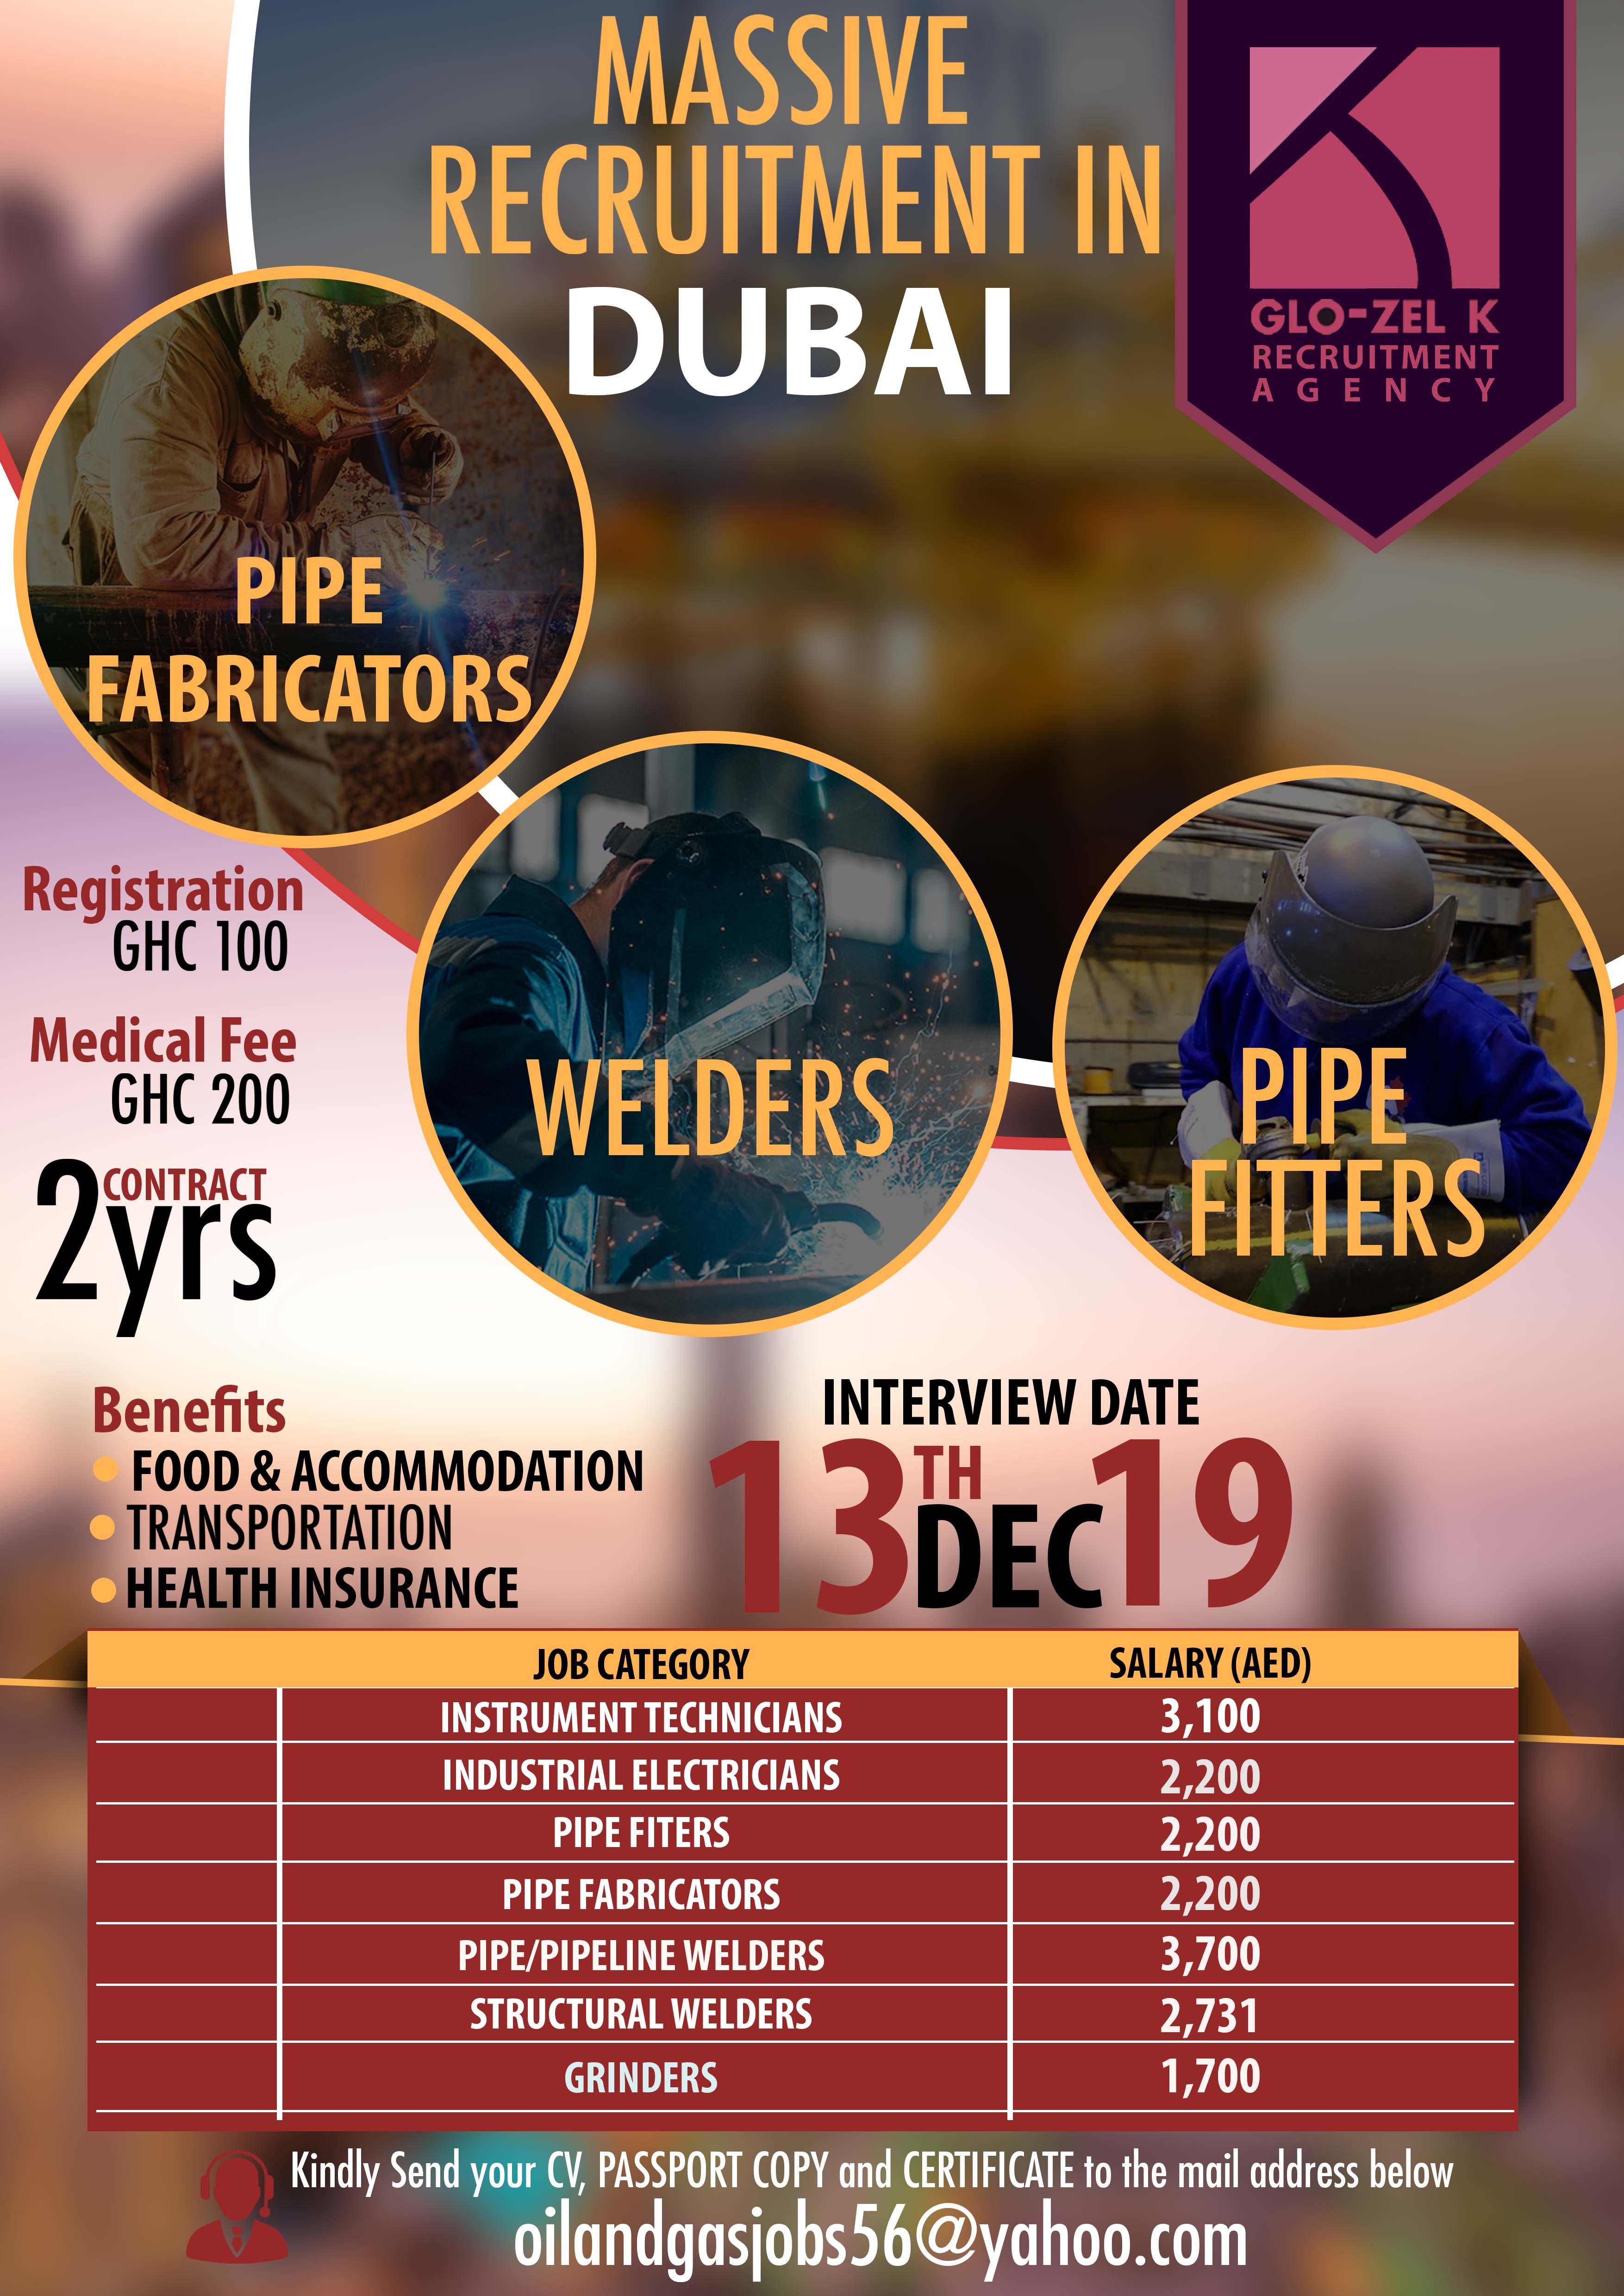 Massive International Oil & Gas Recruitment in Ghana  at Glo- Zel K 1